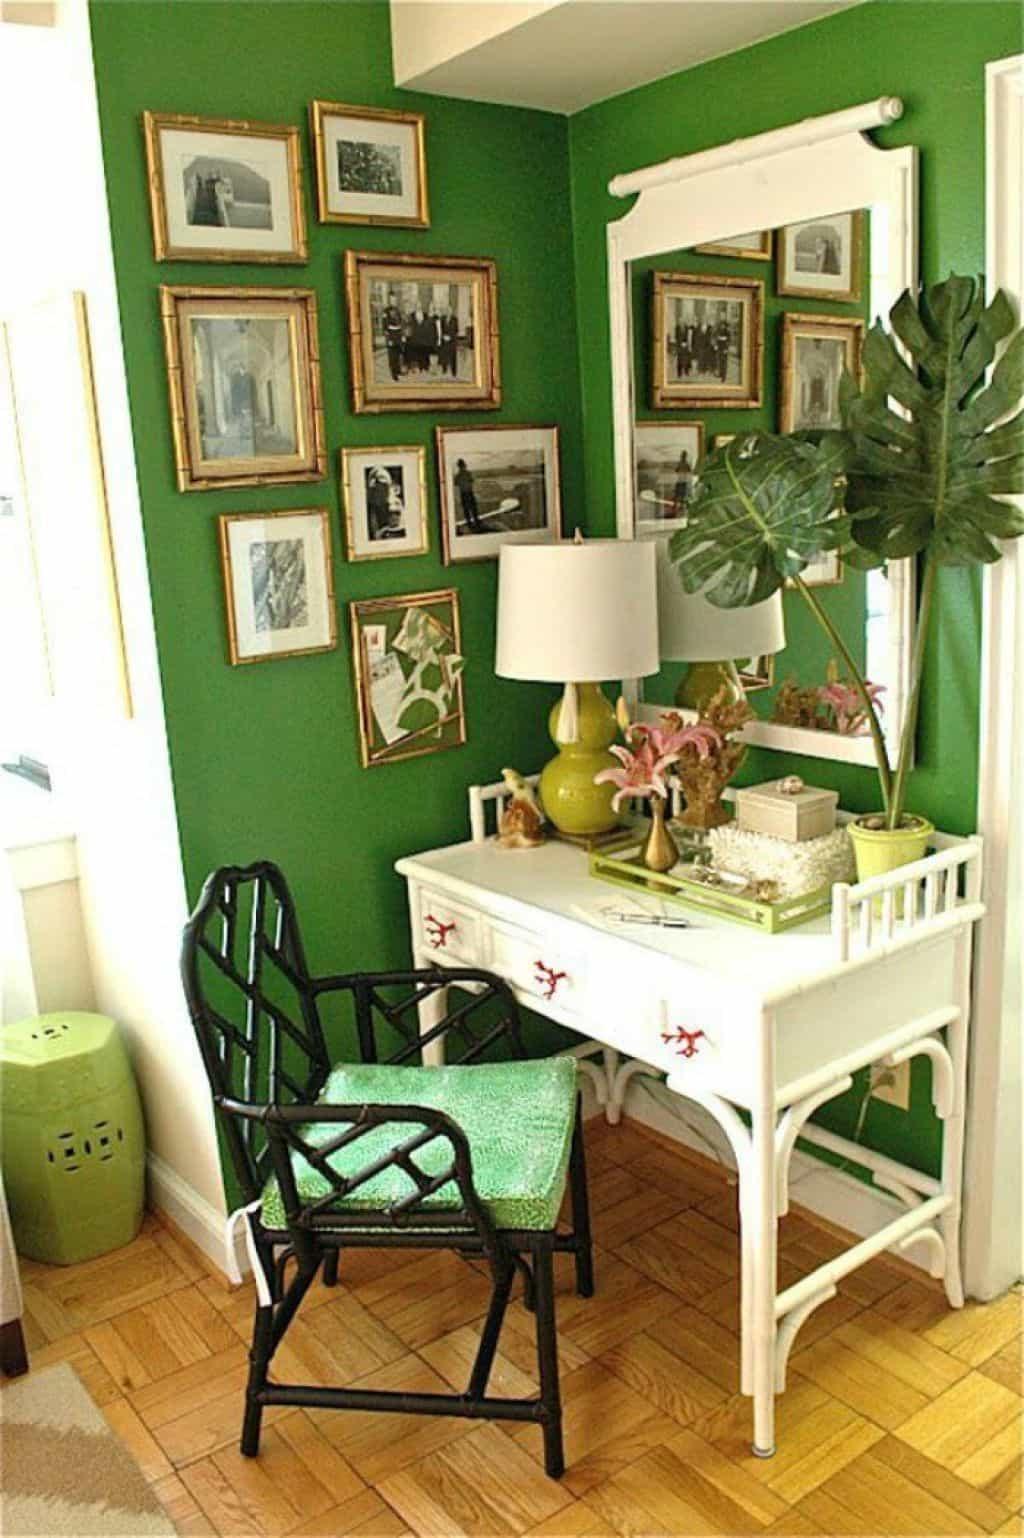 Comment décorer le bureau et l'espace de travail? Avec vos couleurs préférées!